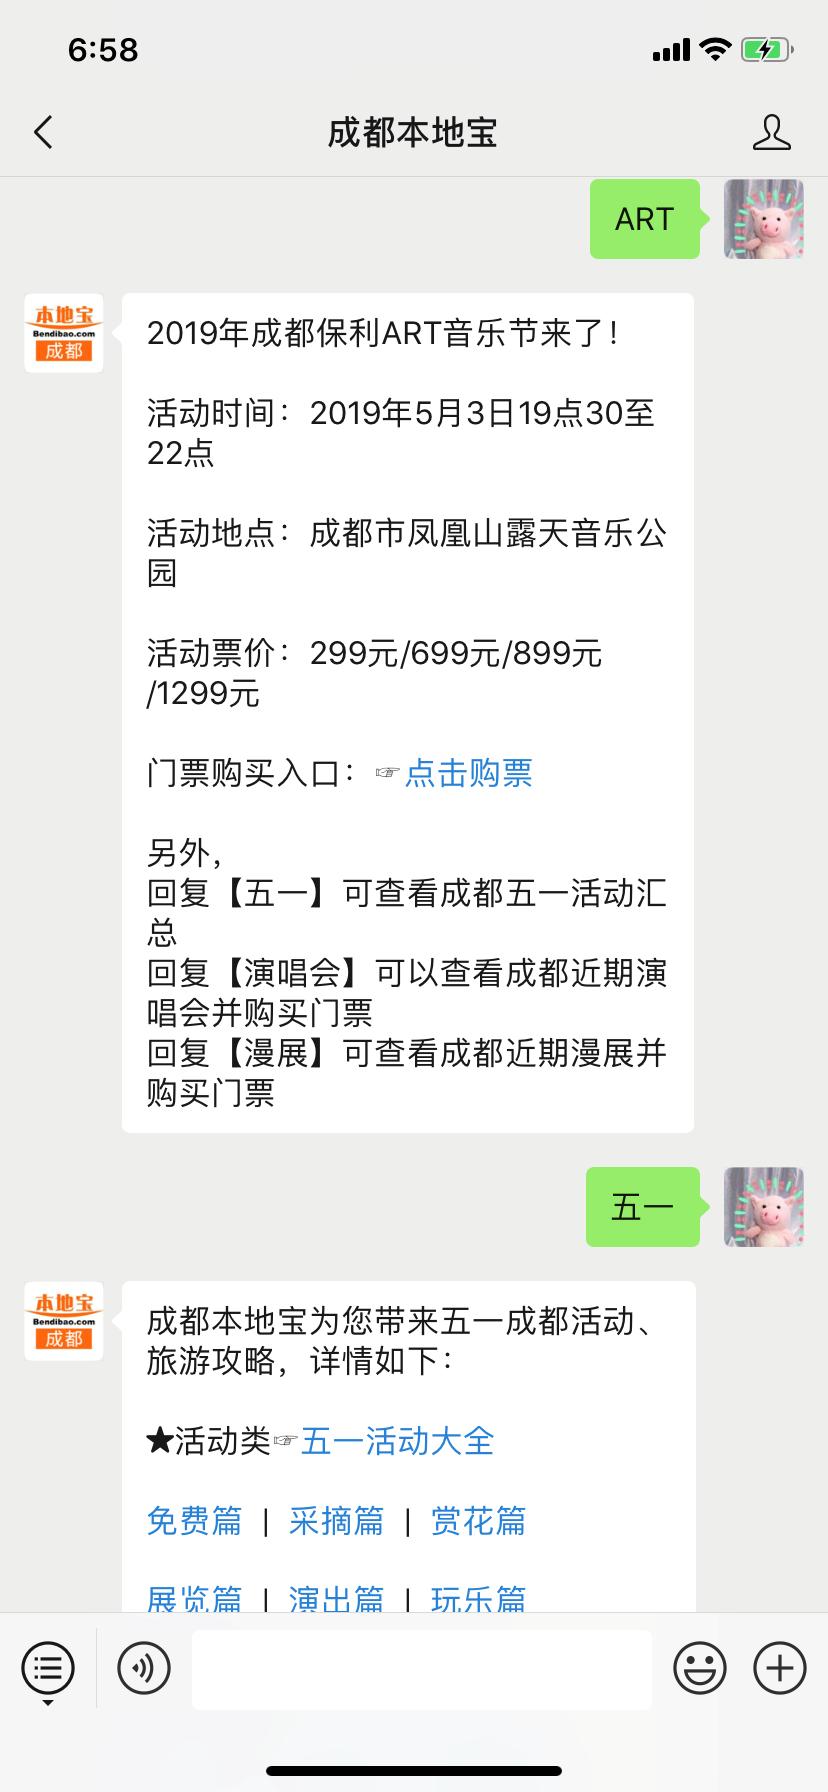 2019年成都保利ART音乐节(时间 地点 嘉宾)